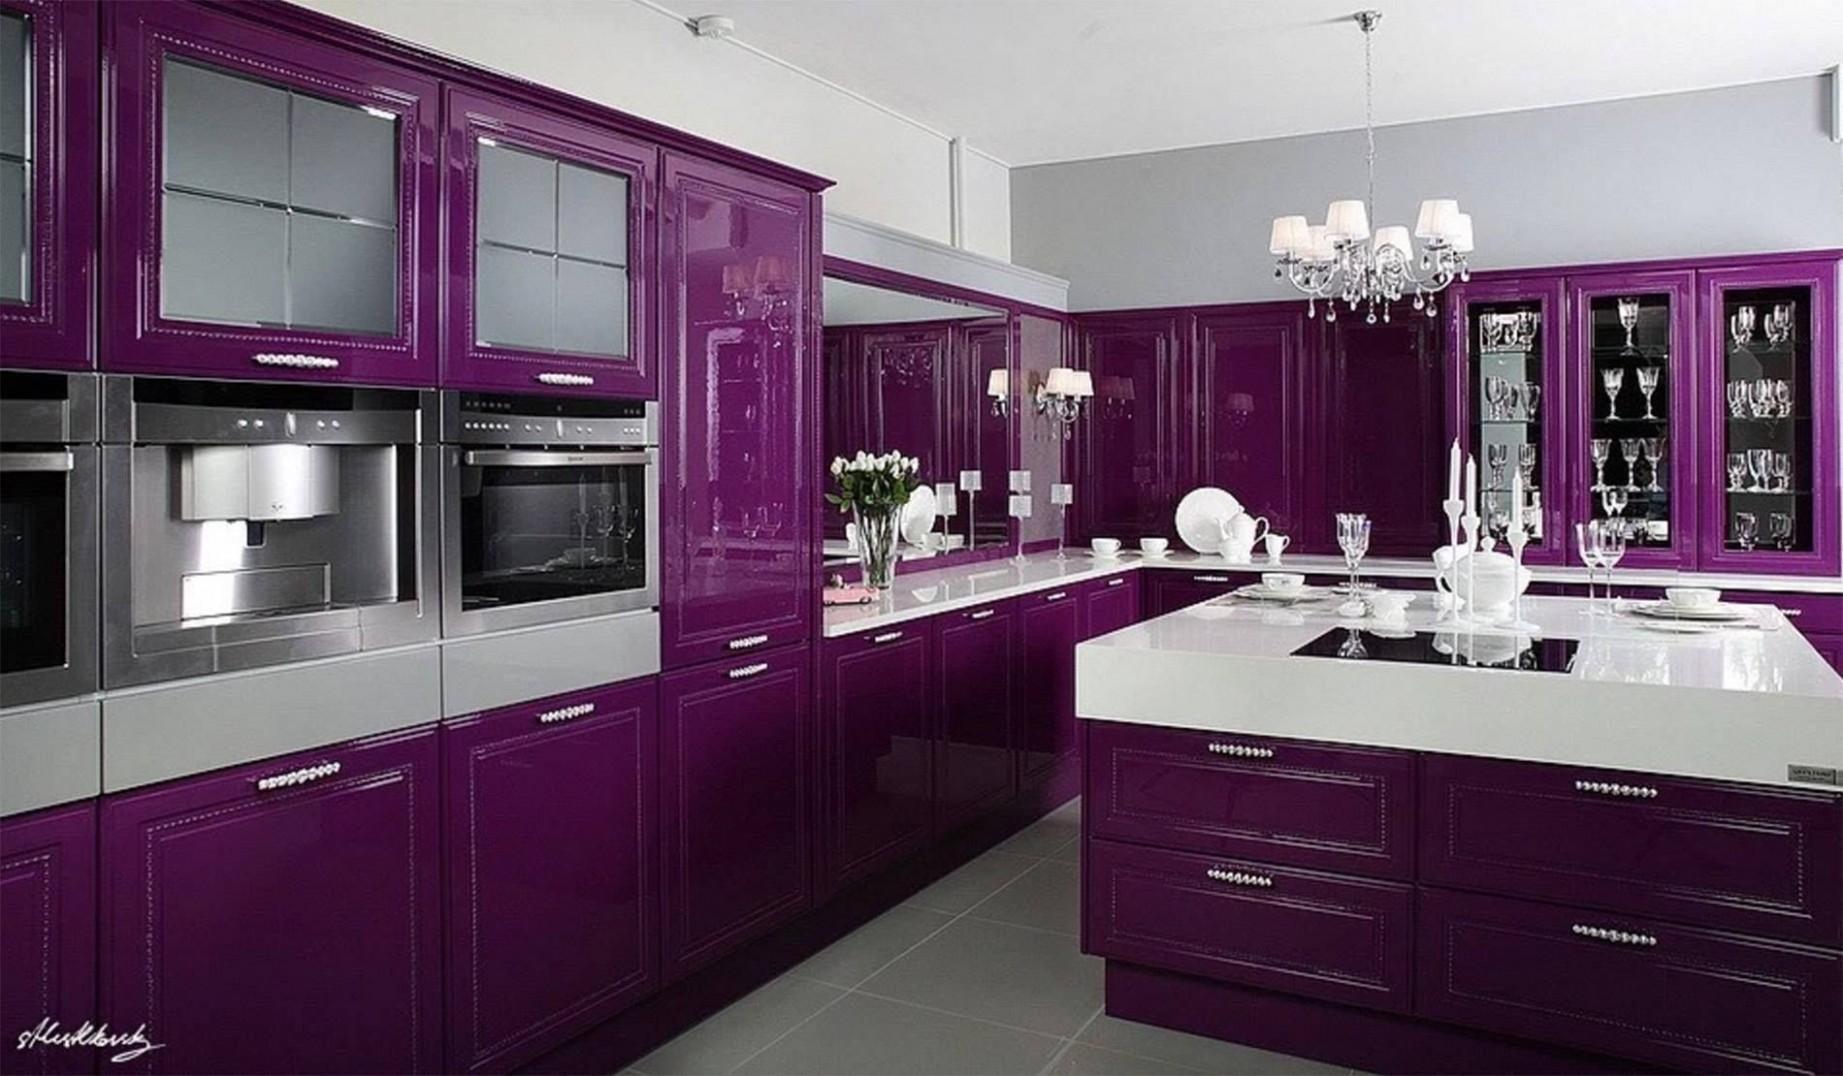 Glamorous Purple Kitchen  Purple kitchen cabinets, Purple kitchen  - Pink And Purple Kitchen Cabinets